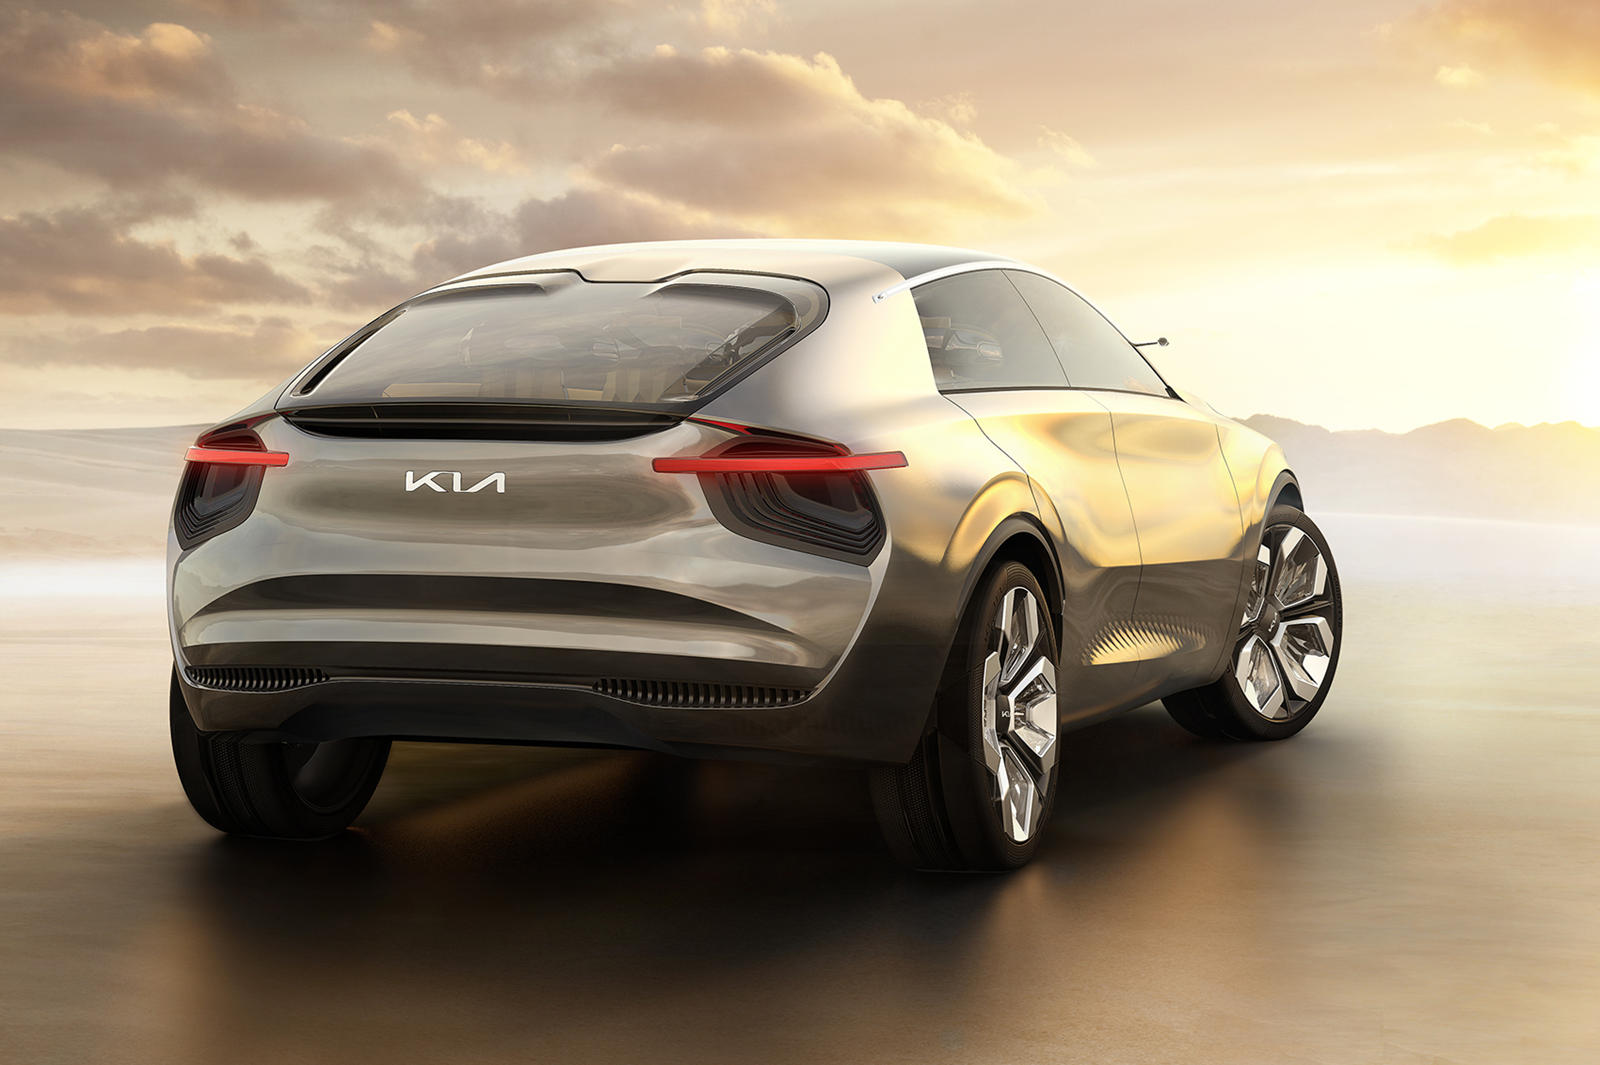 Если вы один из тех, кто хотел бы увидеть новый логотип от Kia, вам может повезти.